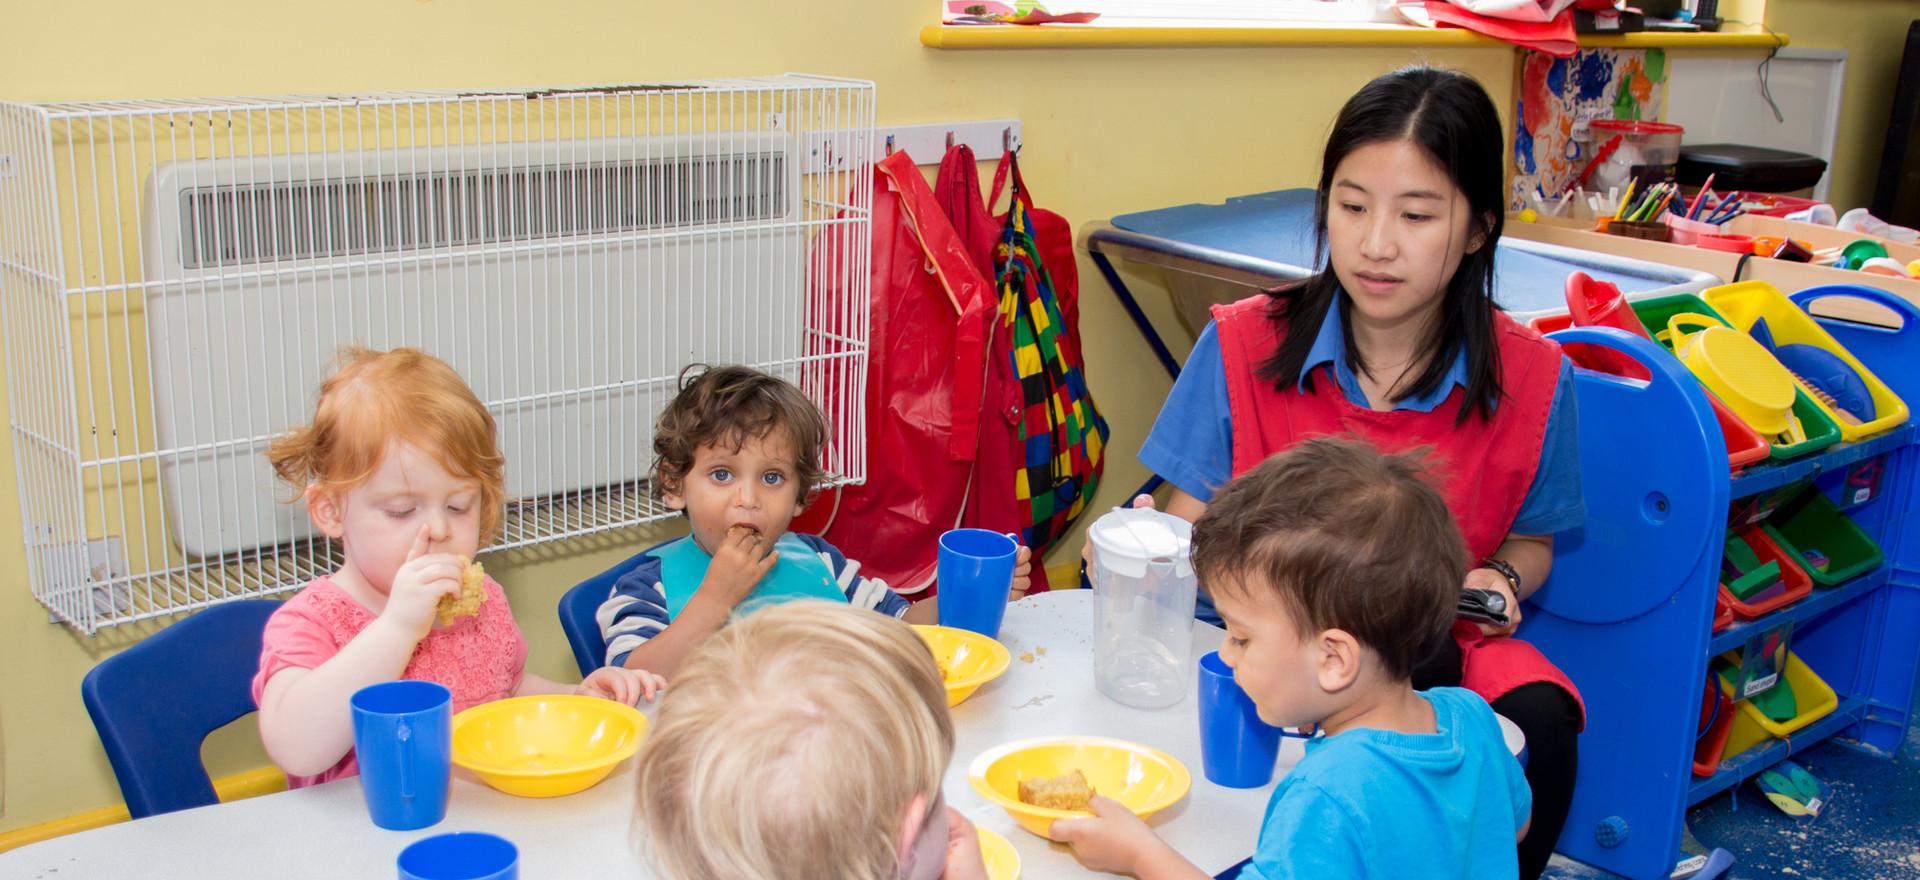 Children's Dinner Time